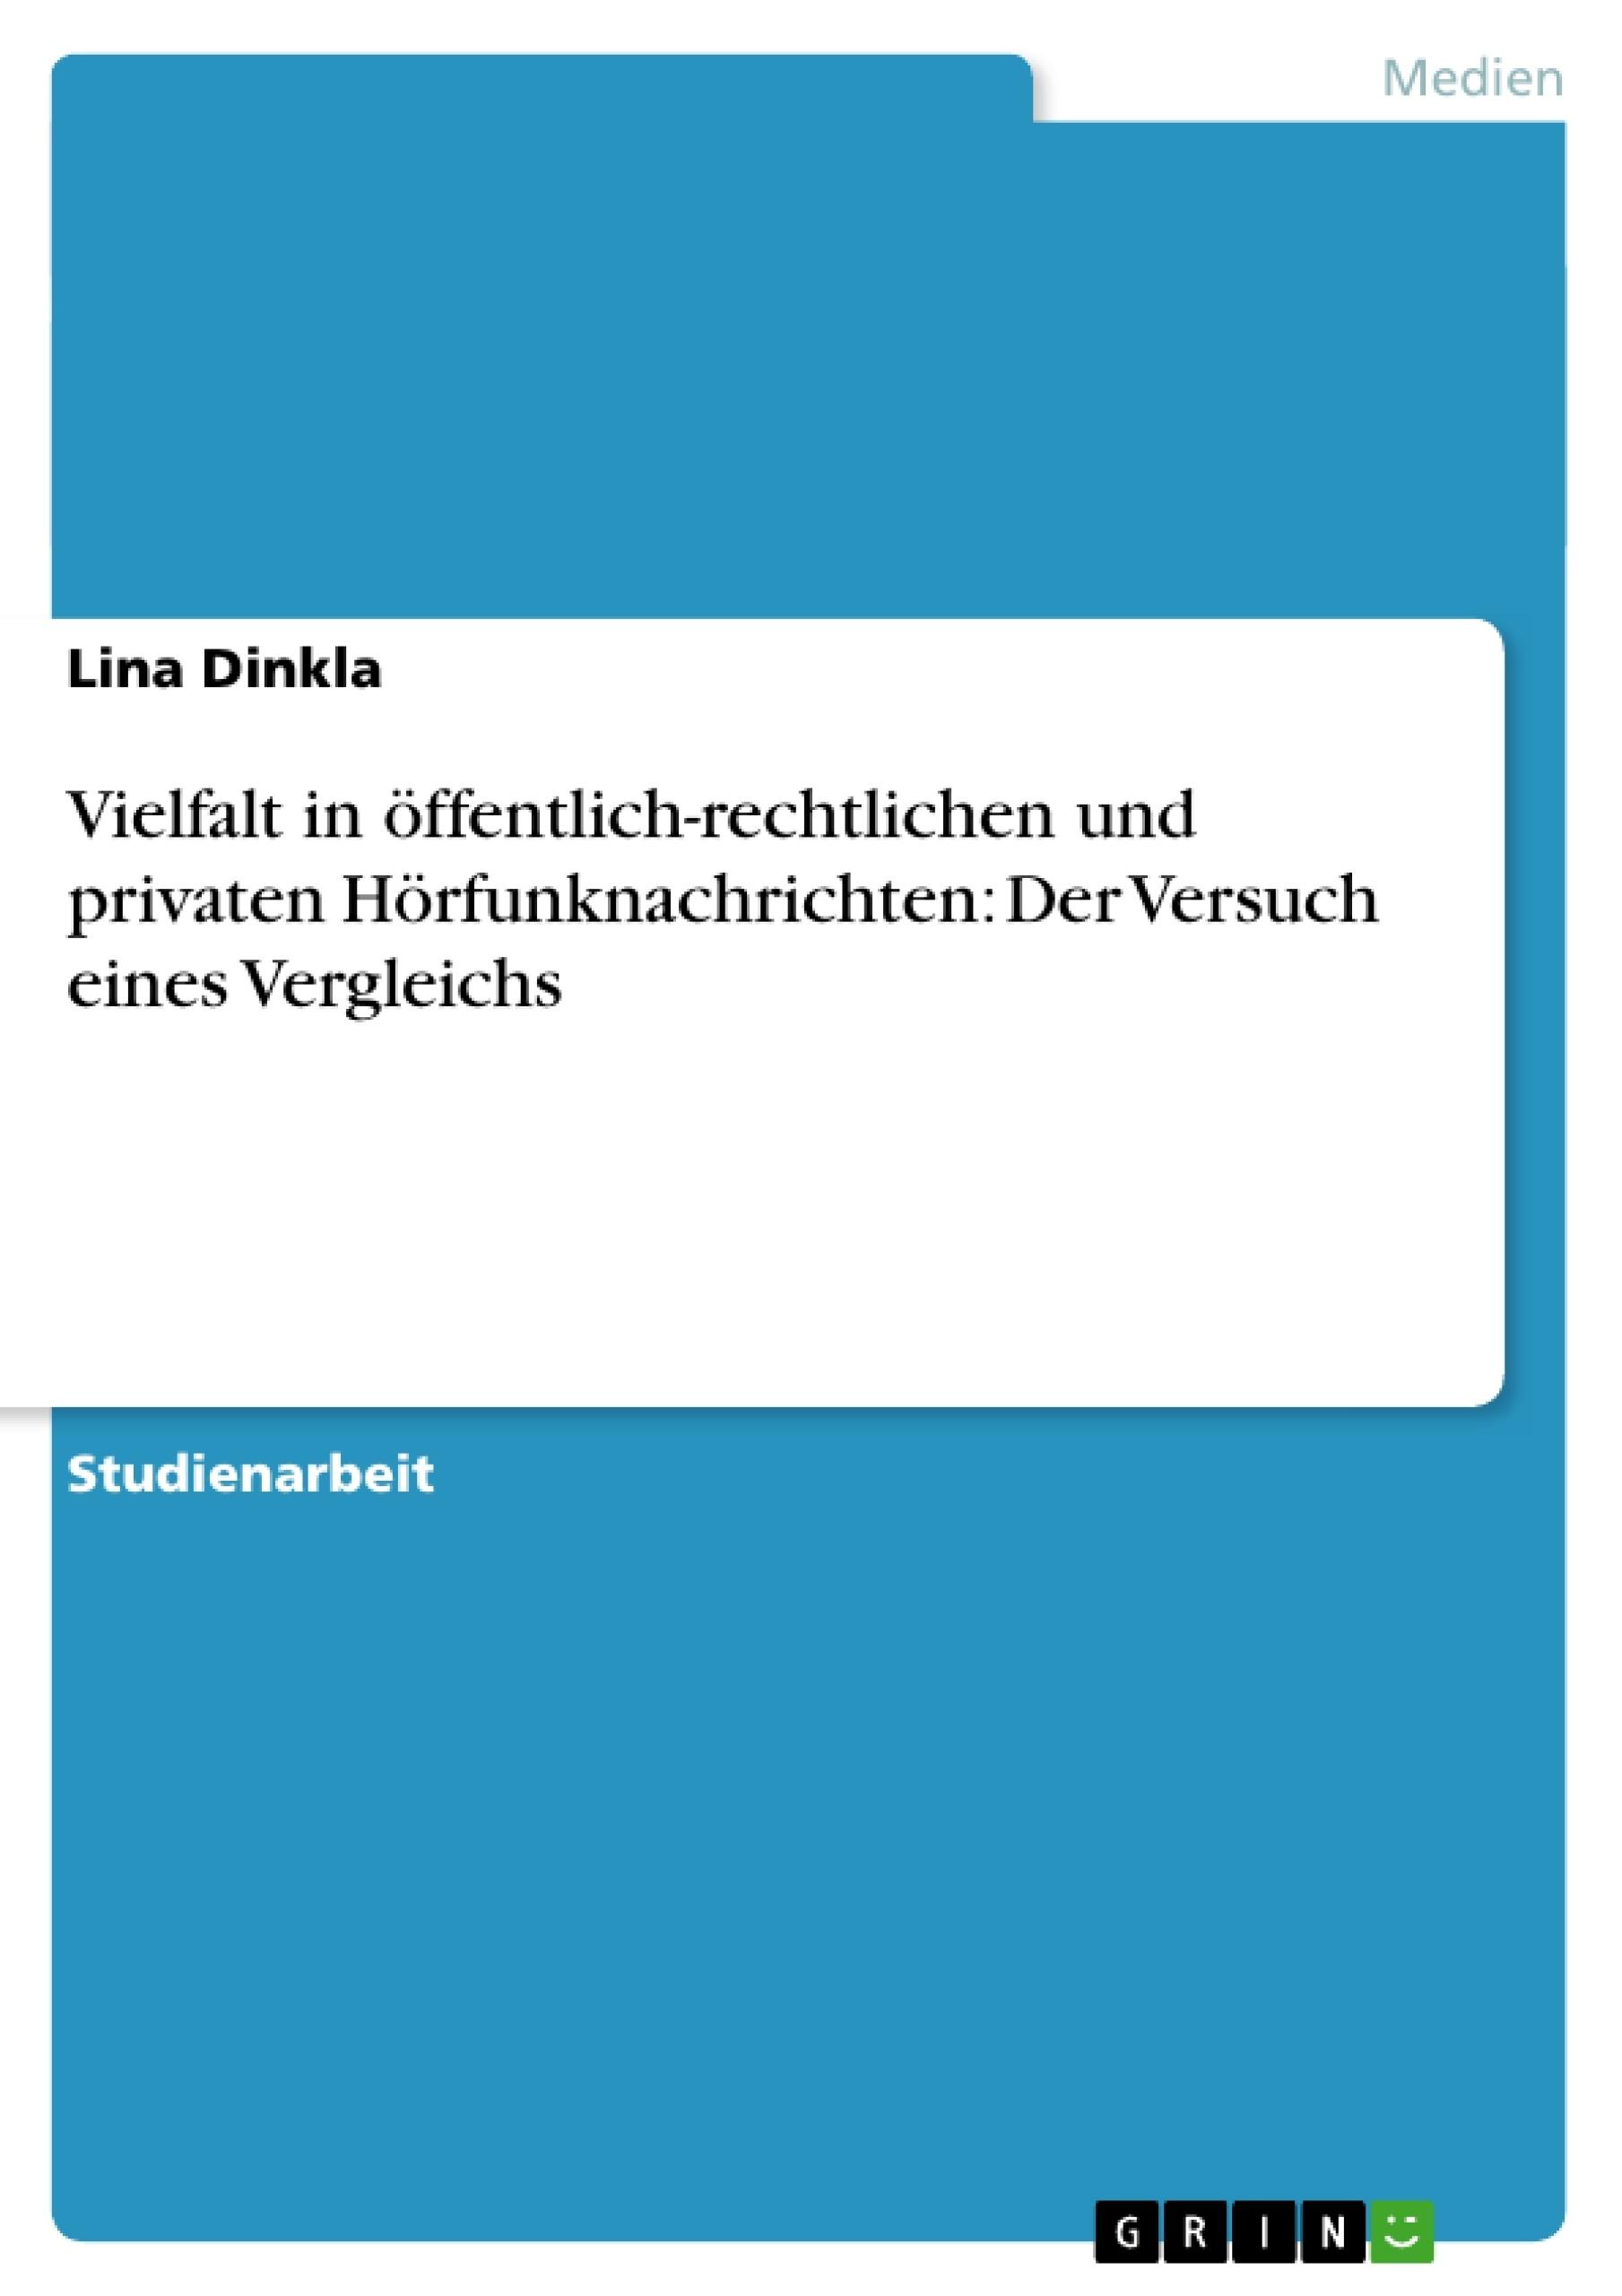 Titel: Vielfalt in öffentlich-rechtlichen und privaten Hörfunknachrichten: Der Versuch eines Vergleichs